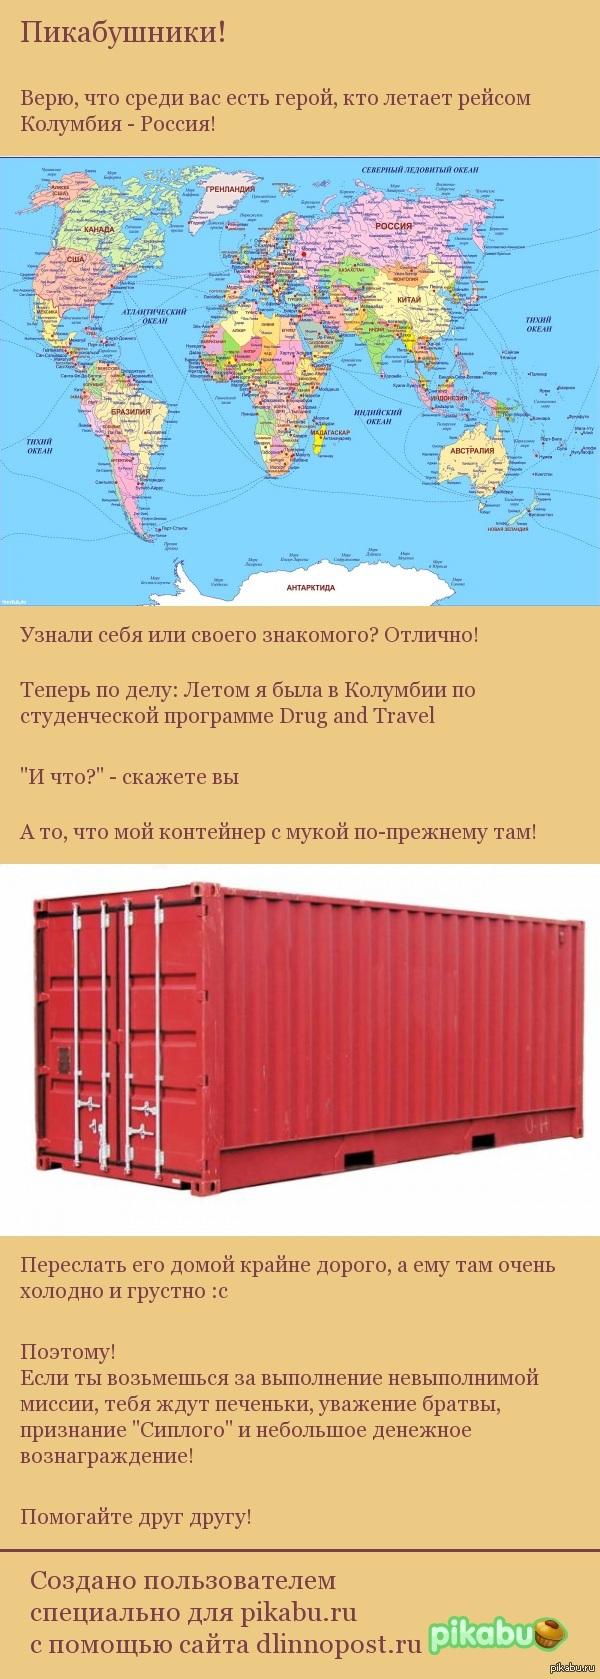 """Помогите бедному контейнеру :с Навеяно постом - <a href=""""http://pikabu.ru/story/vozvrashchenie_bludnogo_chemodana_2781743"""">http://pikabu.ru/story/_2781743</a>"""